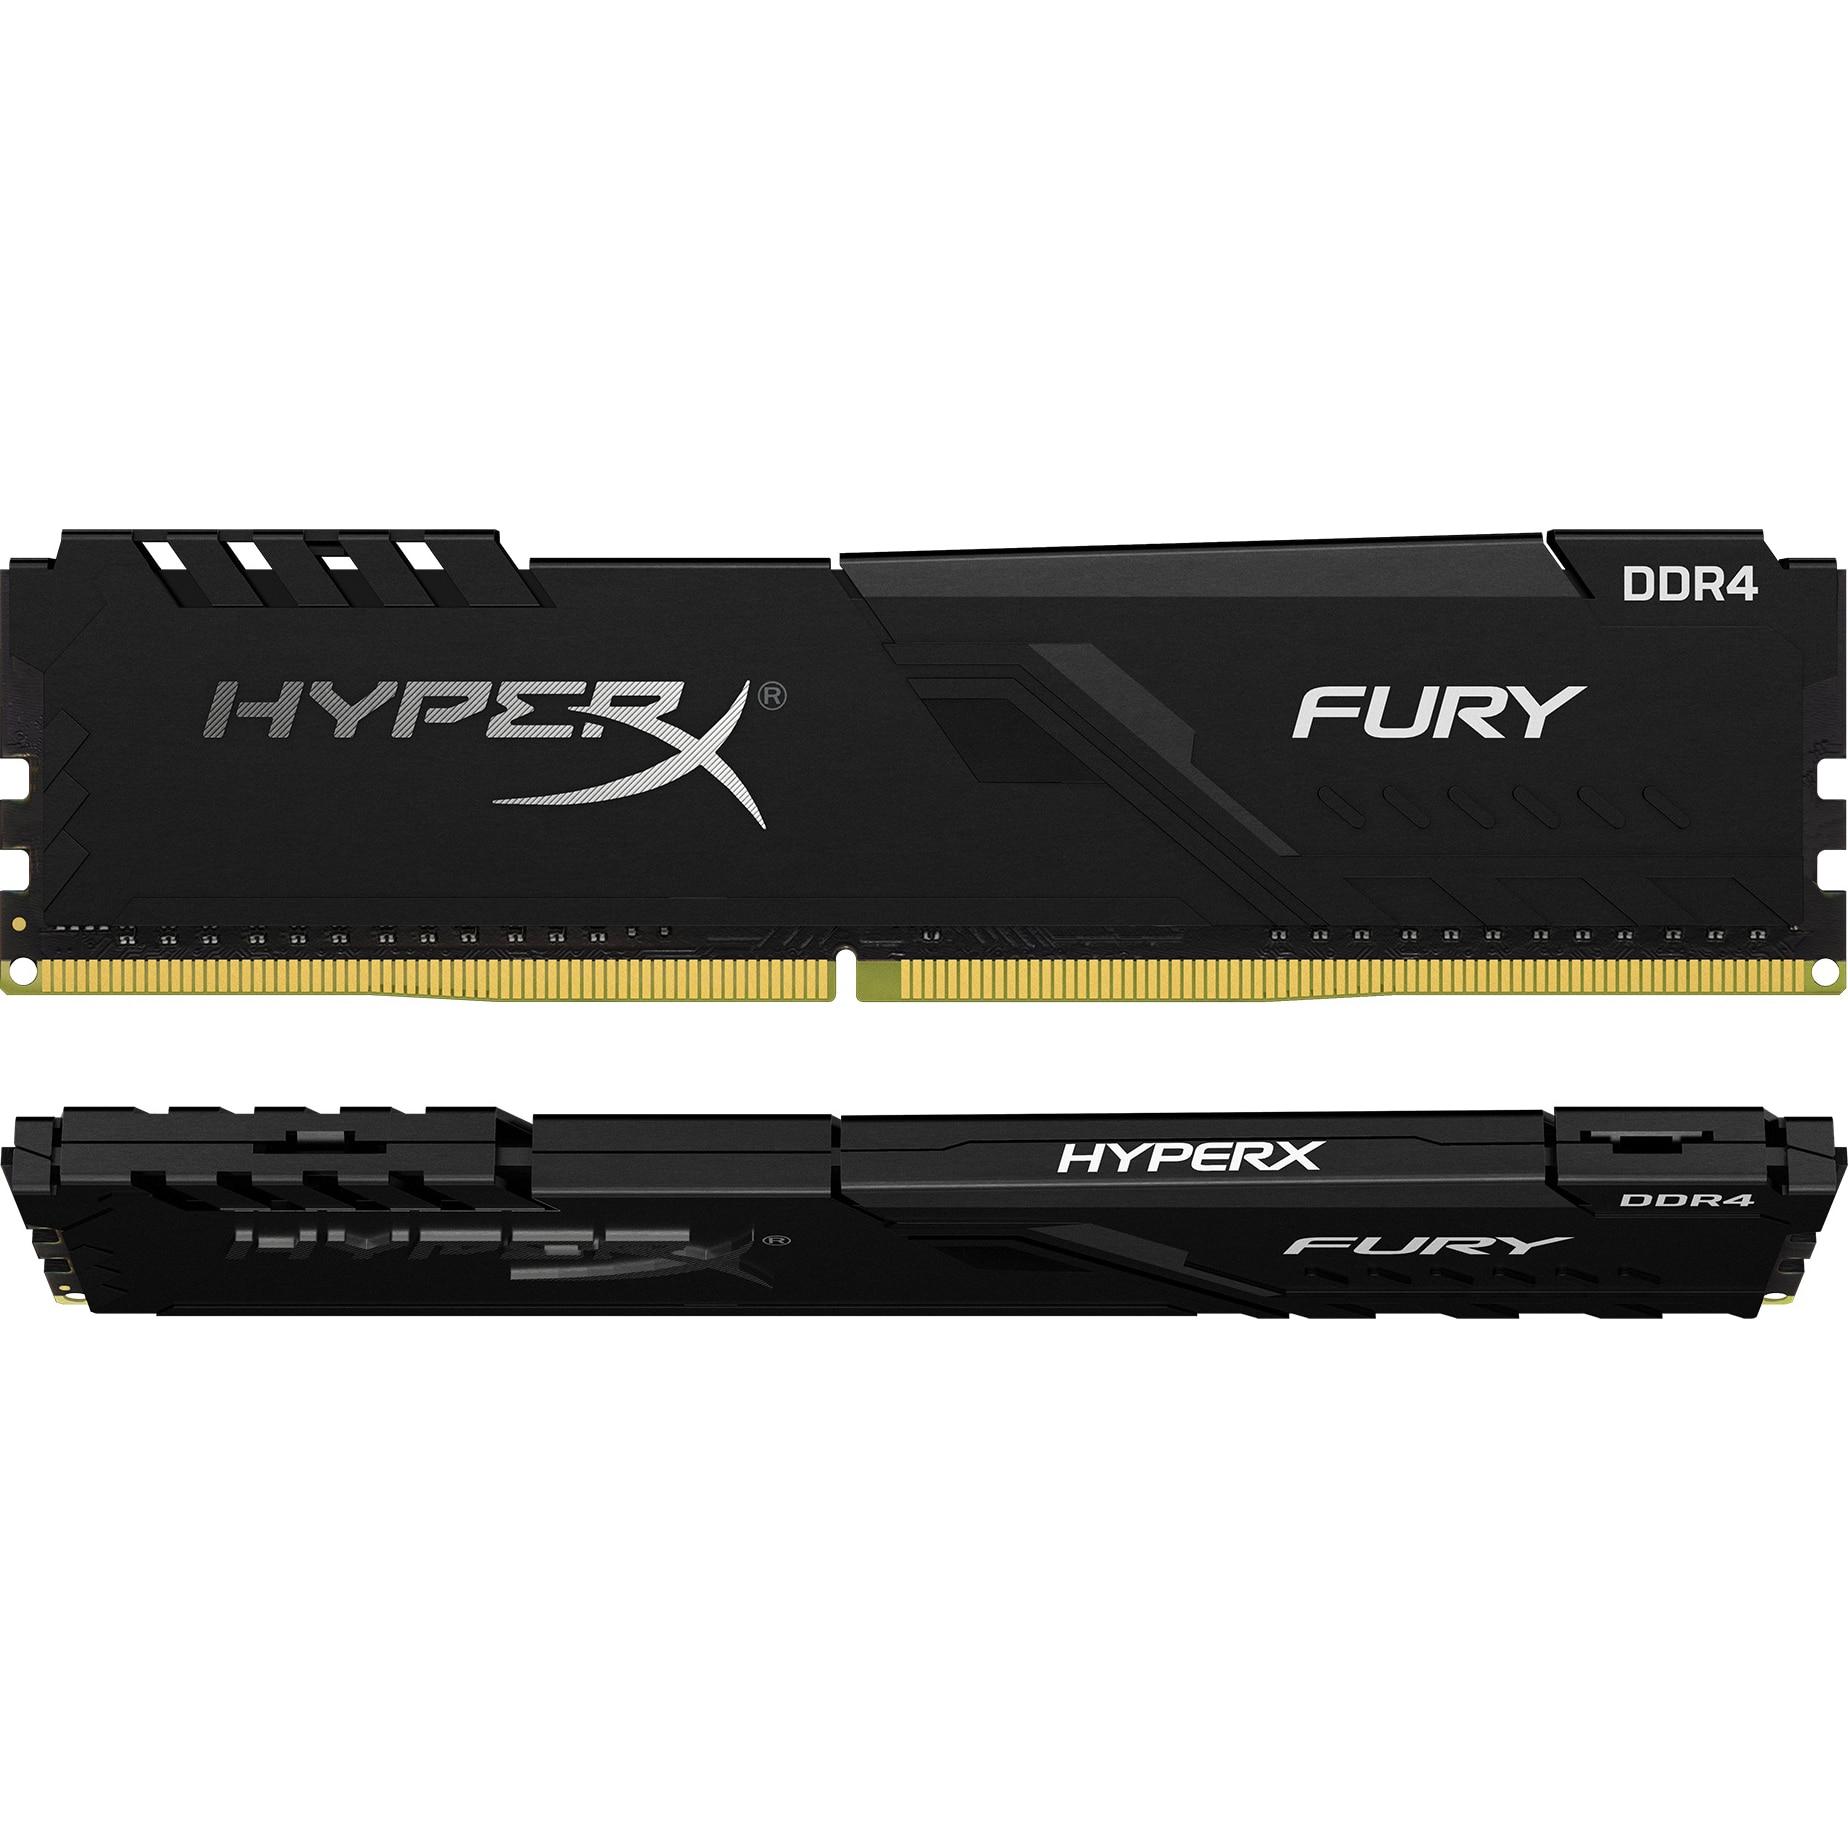 Fotografie Memorie HyperX Fury Black 16GB (2x8GB), DDR4, 3000MHz, CL15, 1.35V